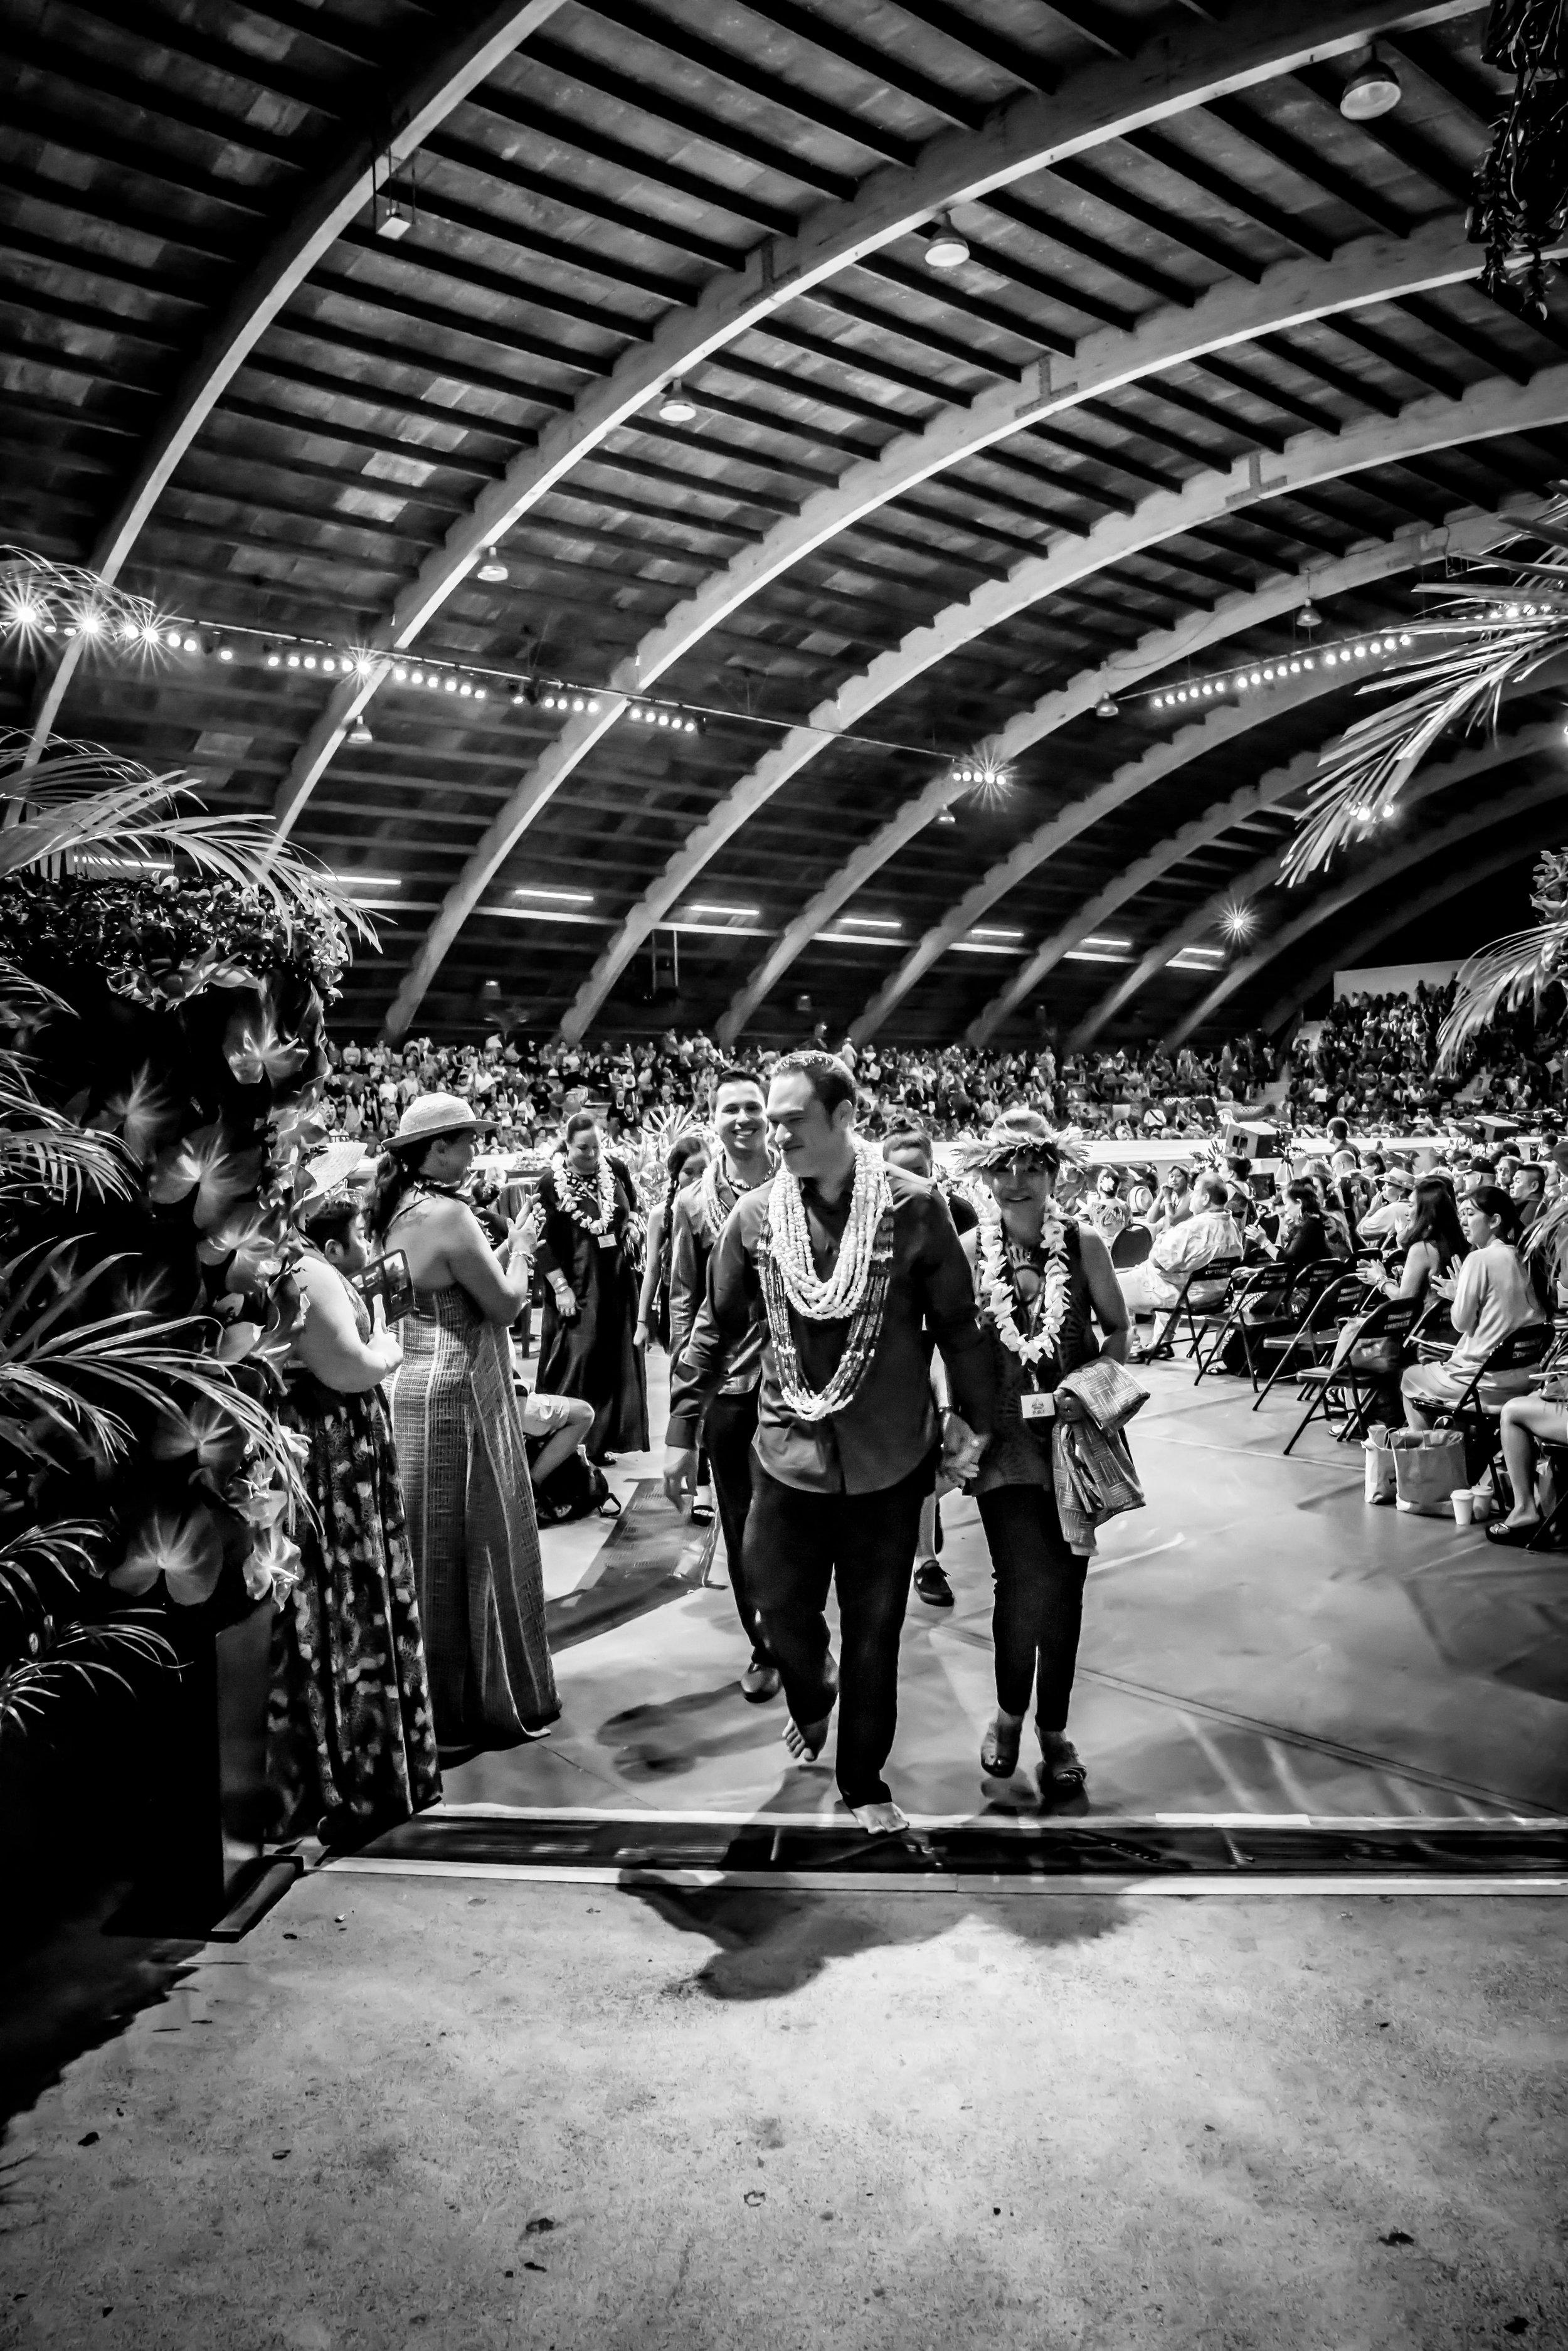 Hālau Manaoloa - Hālau Manaola under the direction of Kumu Hula Nani Lim-Yap and choreography by Carrington Manaola Yap competed in the Merrie Monarch Wahine Auana Competition with the mele Mahina ʻO Hoku & Po La'ila'i.